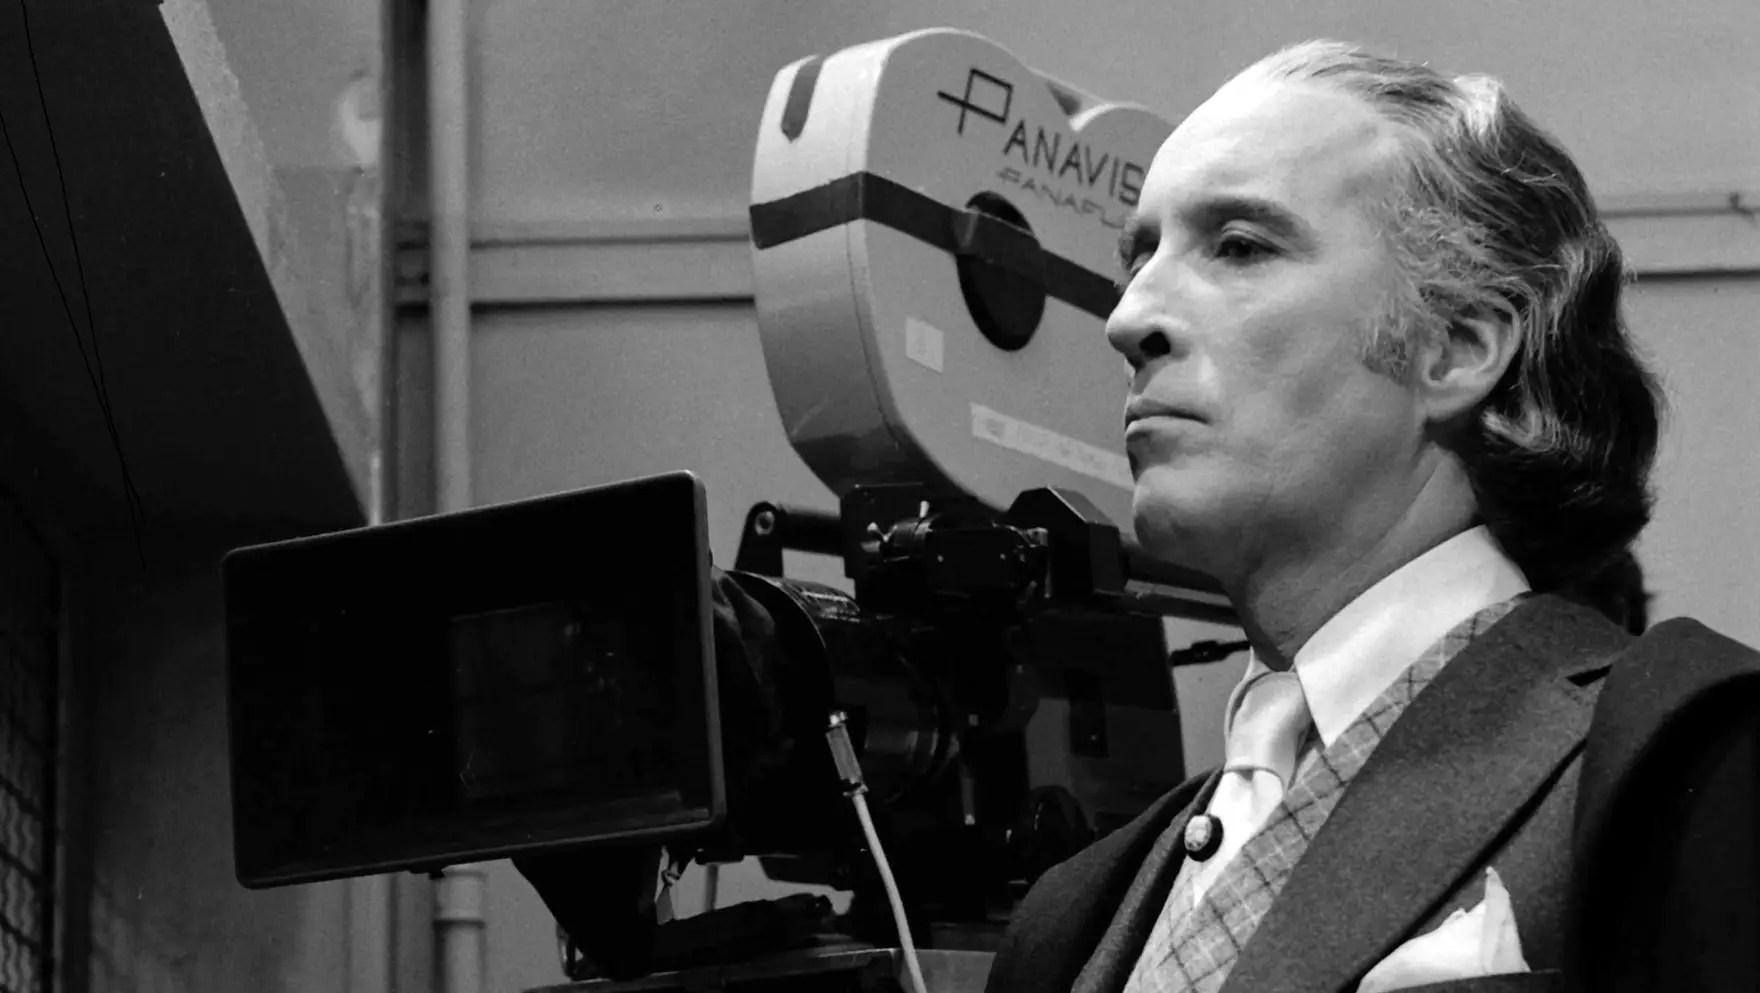 Cinéma Fantastique : 5 films incontournables de CHRISTOPHER LEE